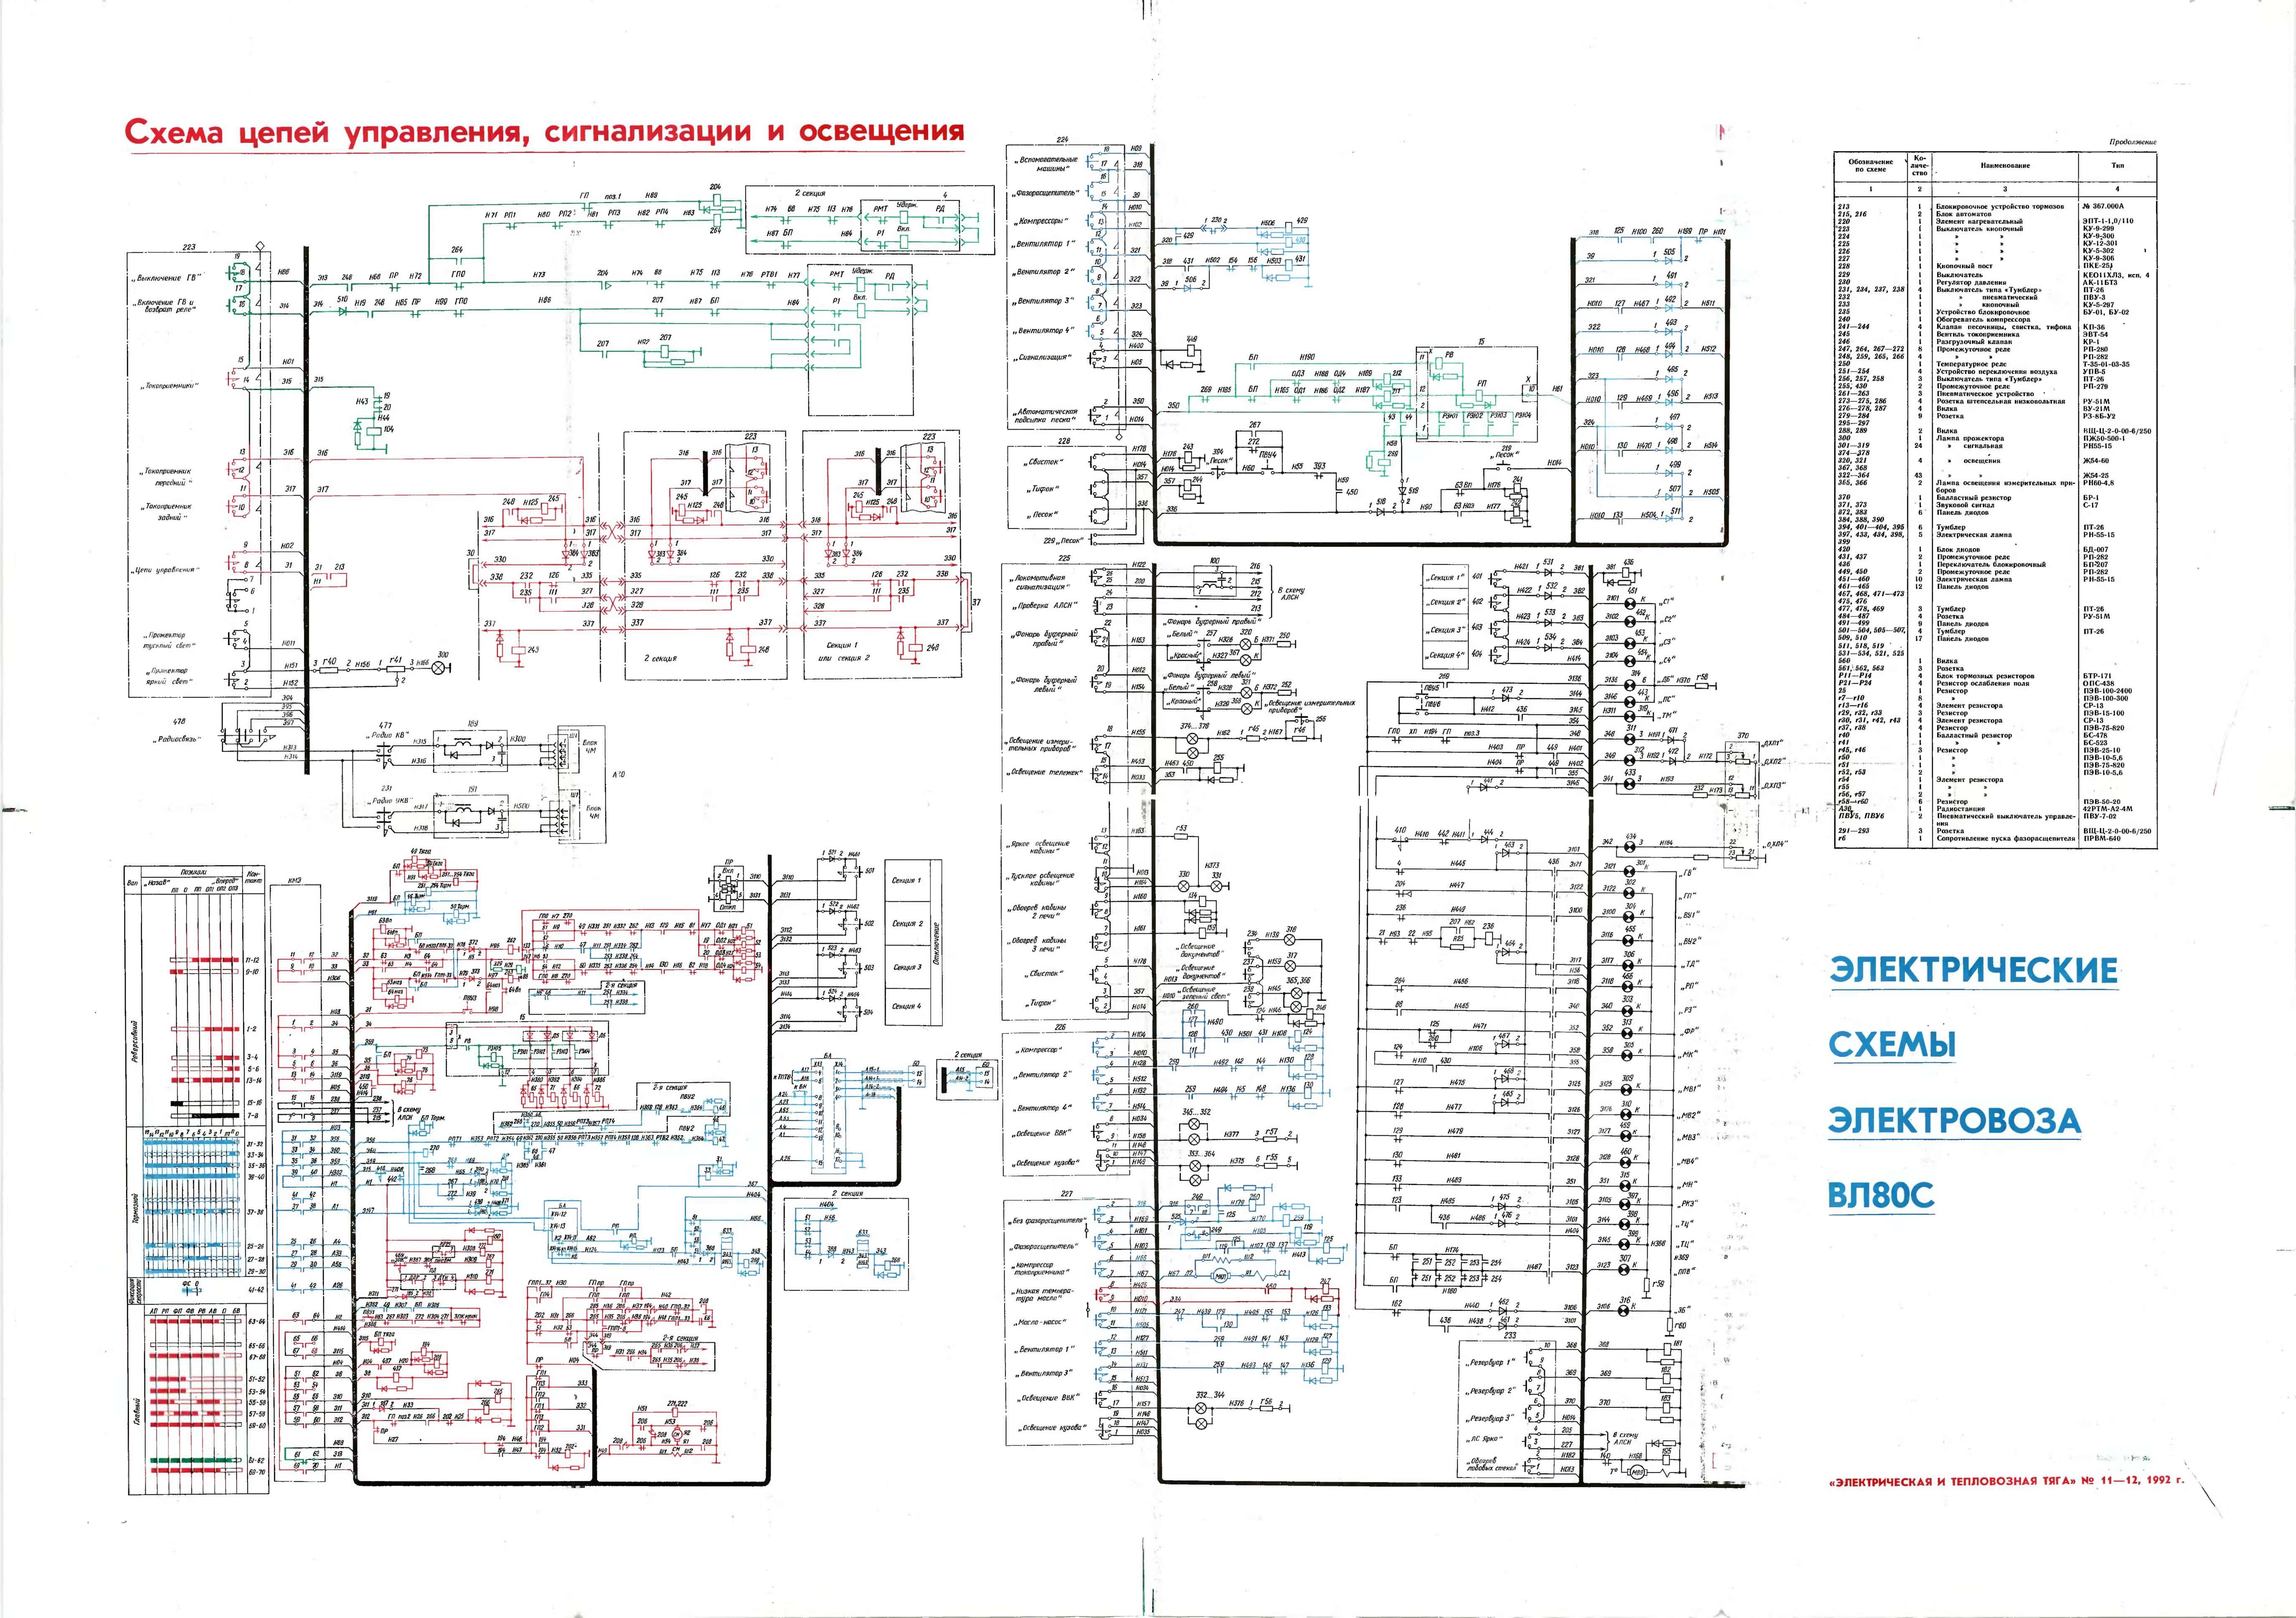 Электрическая схема токоприемников электровоза вл80с